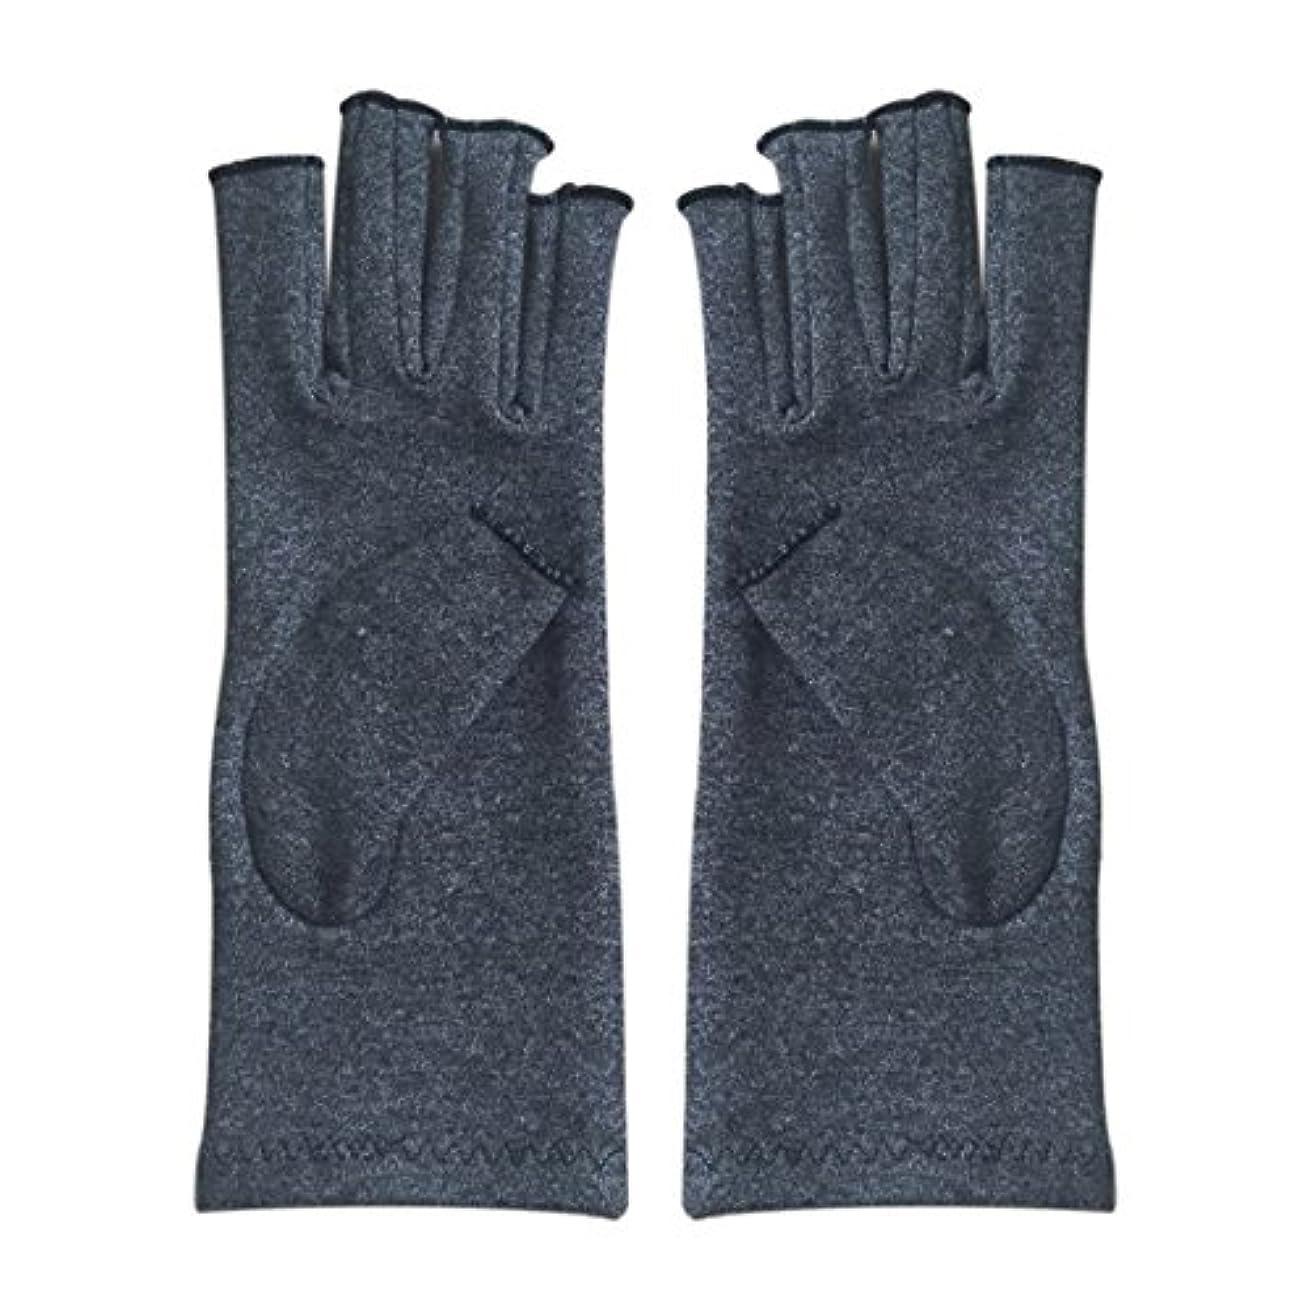 乗ってスパン竜巻ACAMPTAR 1ペア成人男性女性用弾性コットンコンプレッション手袋手関節炎関節痛鎮痛軽減S -灰色、S